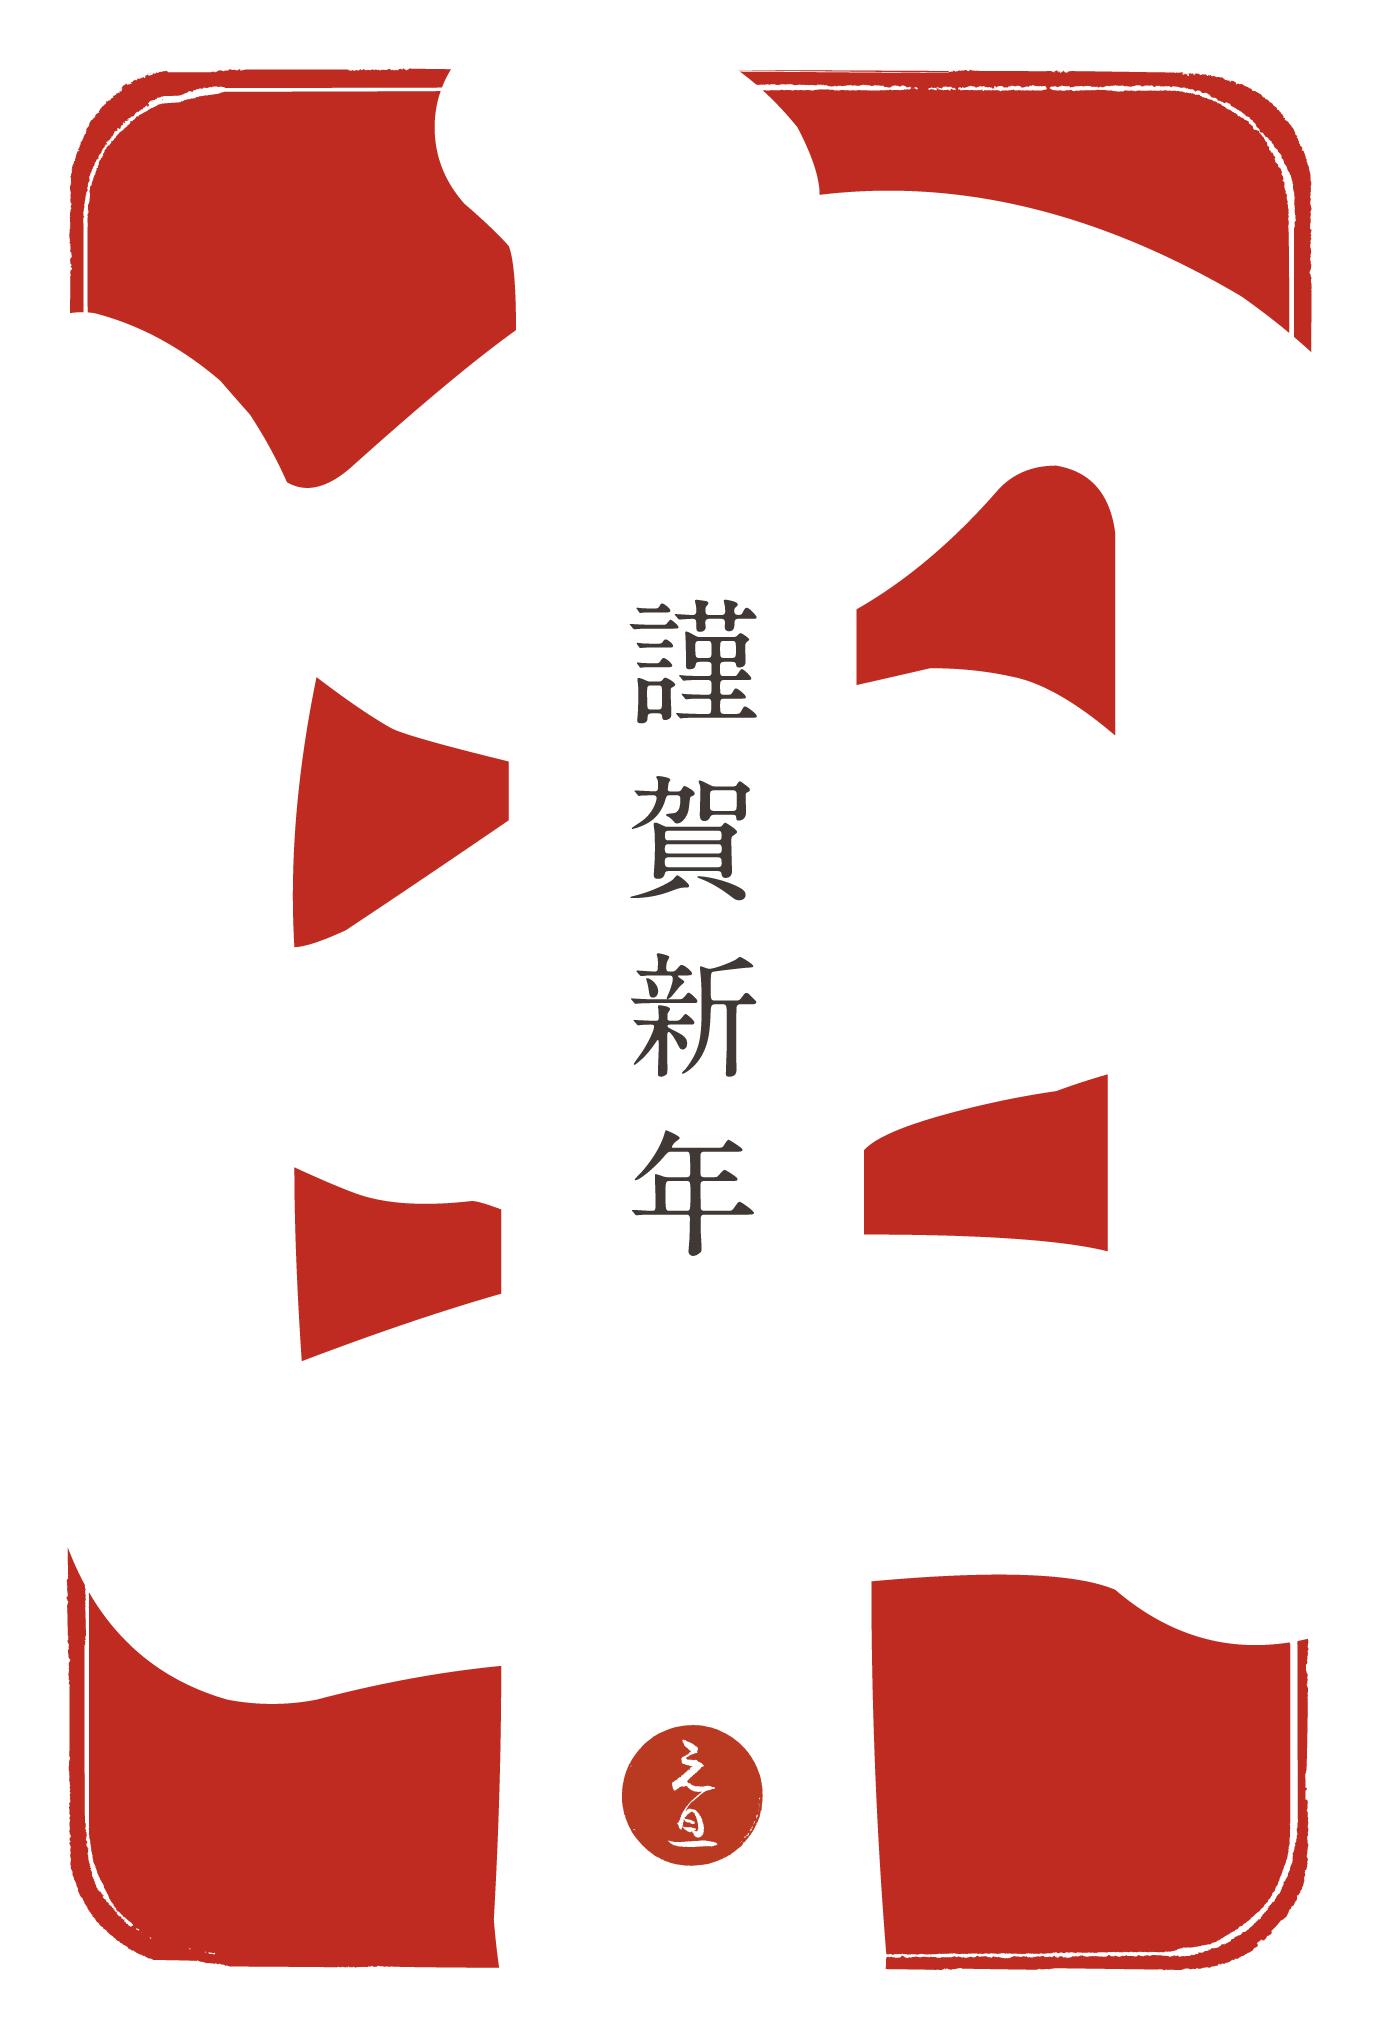 2016年賀状04-4:江戸勘亭流(申)赤のダウンロード画像